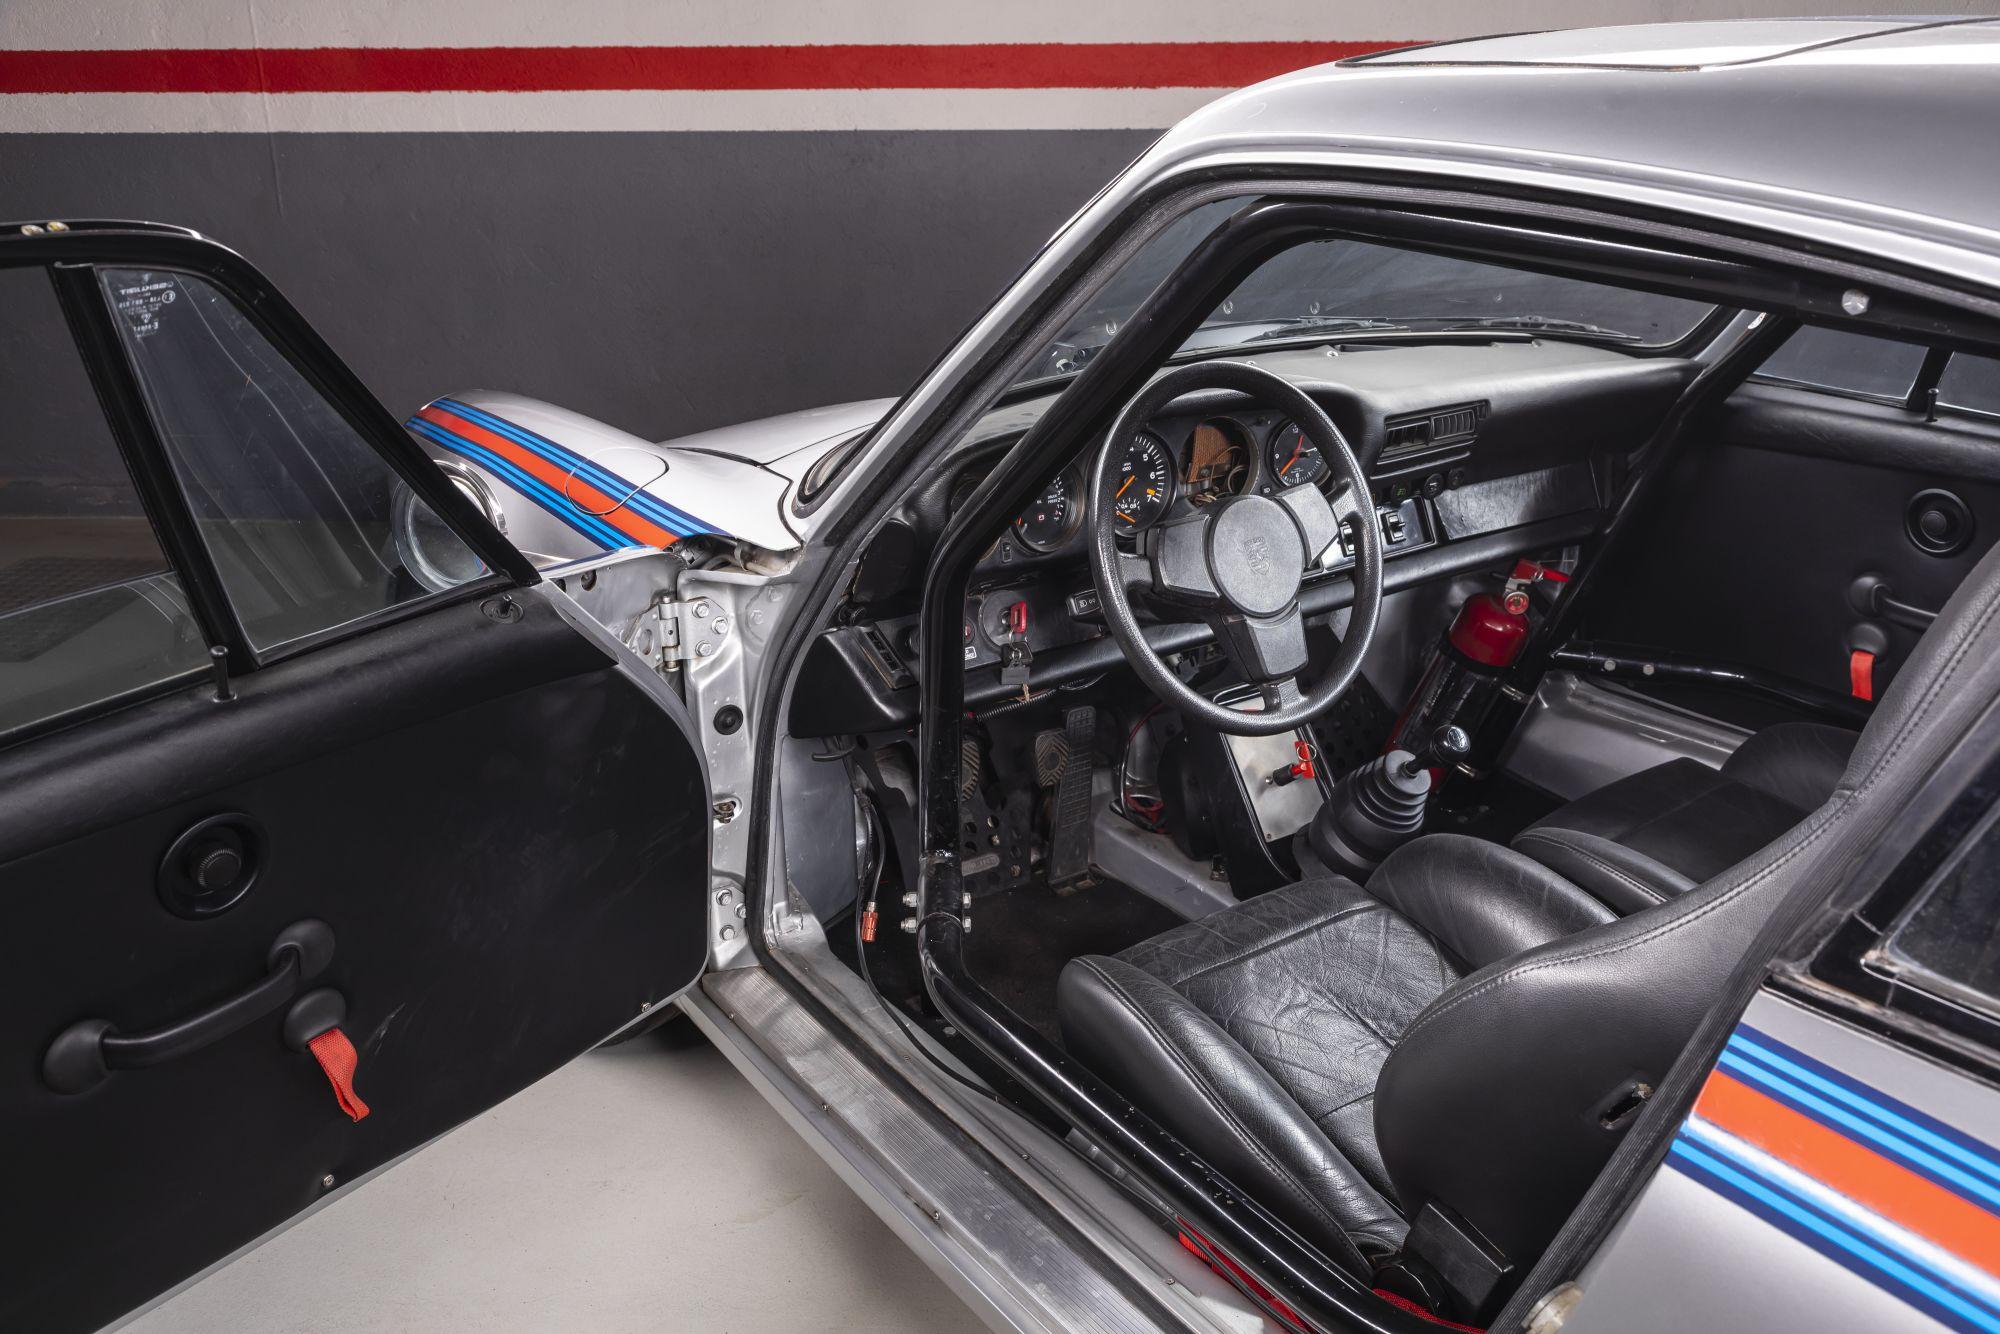 1982 Porsche 911 930 Turbo Martini